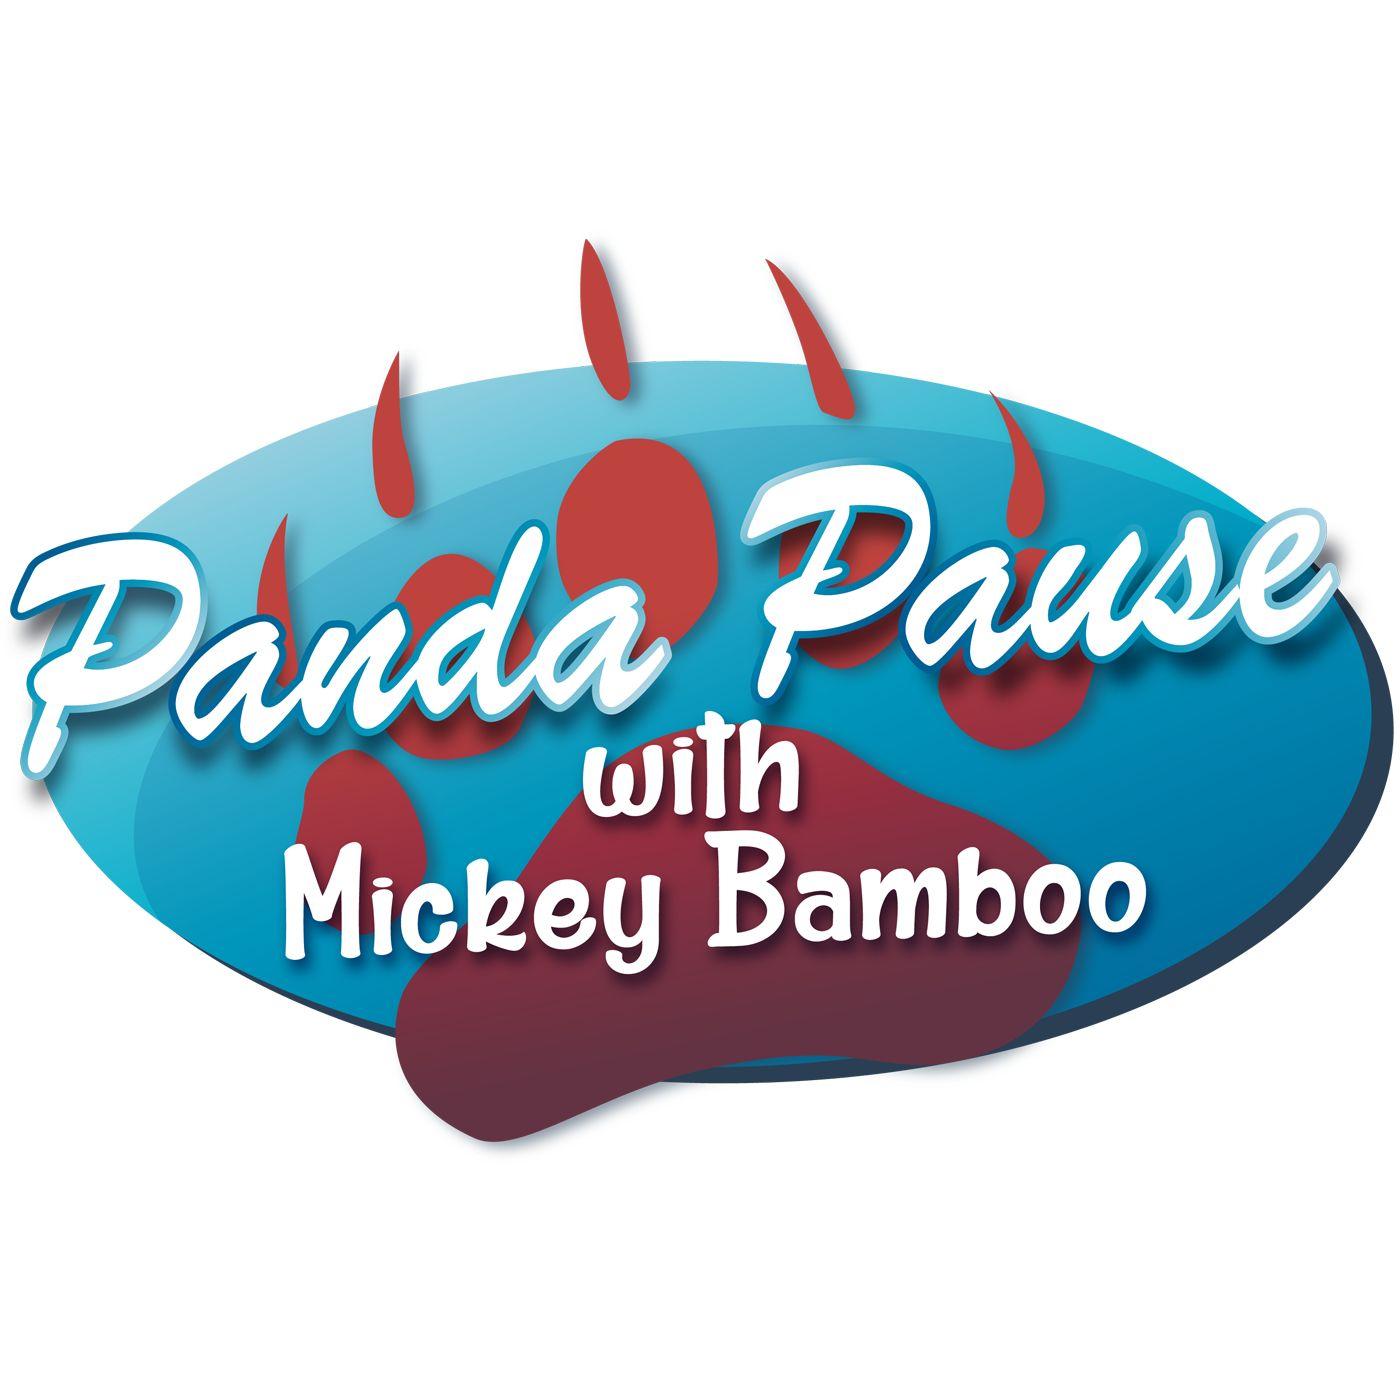 Panda Pause